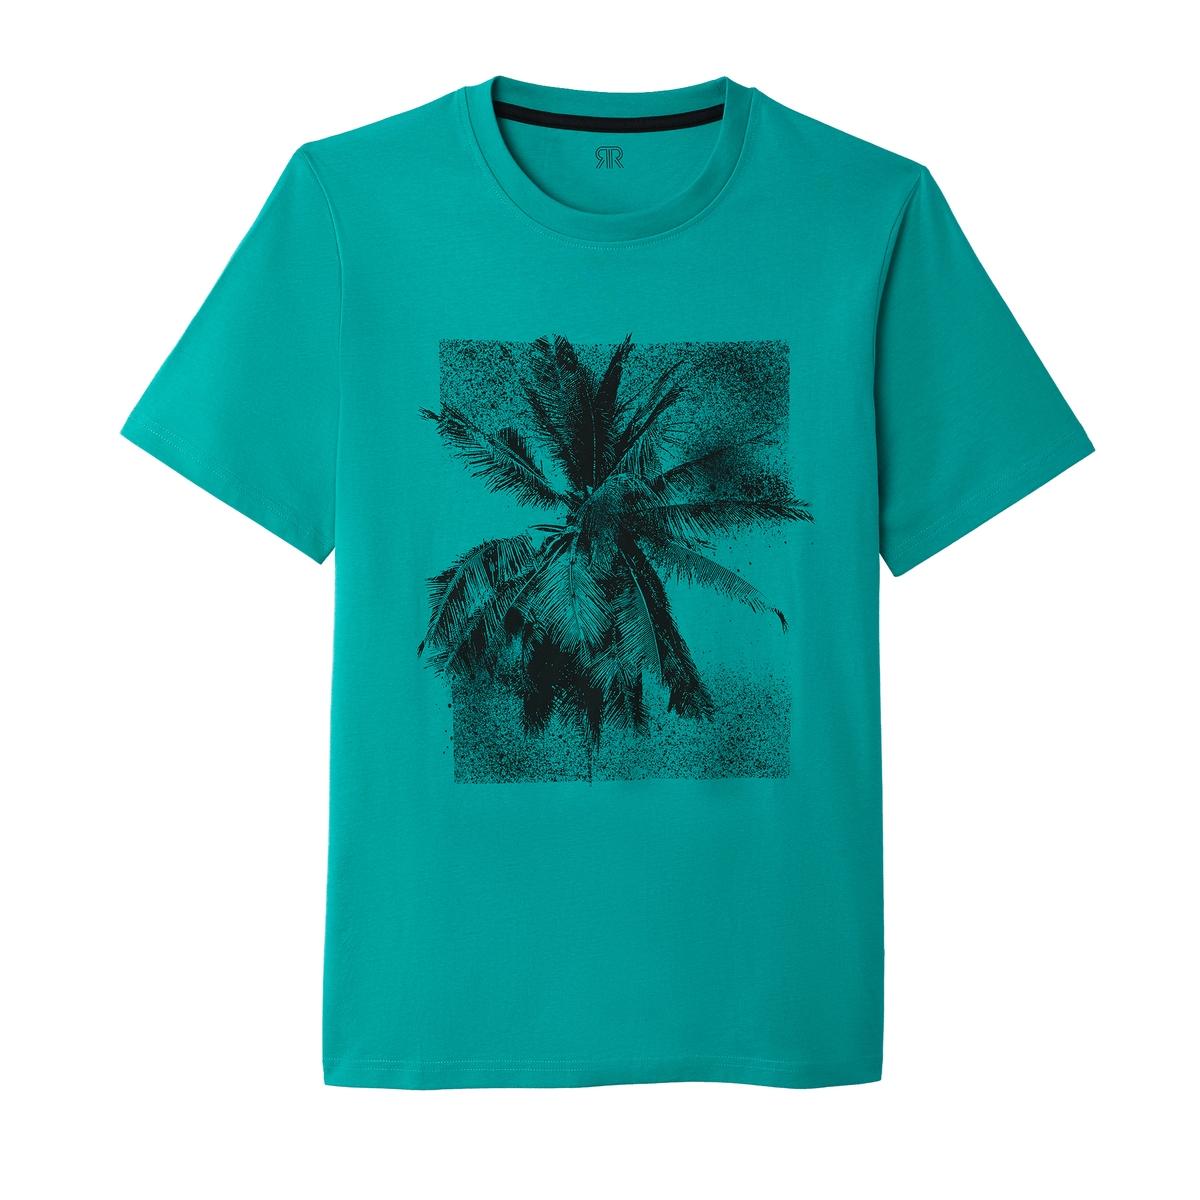 T-shirt de gola redonda, estampado palmeira no peito